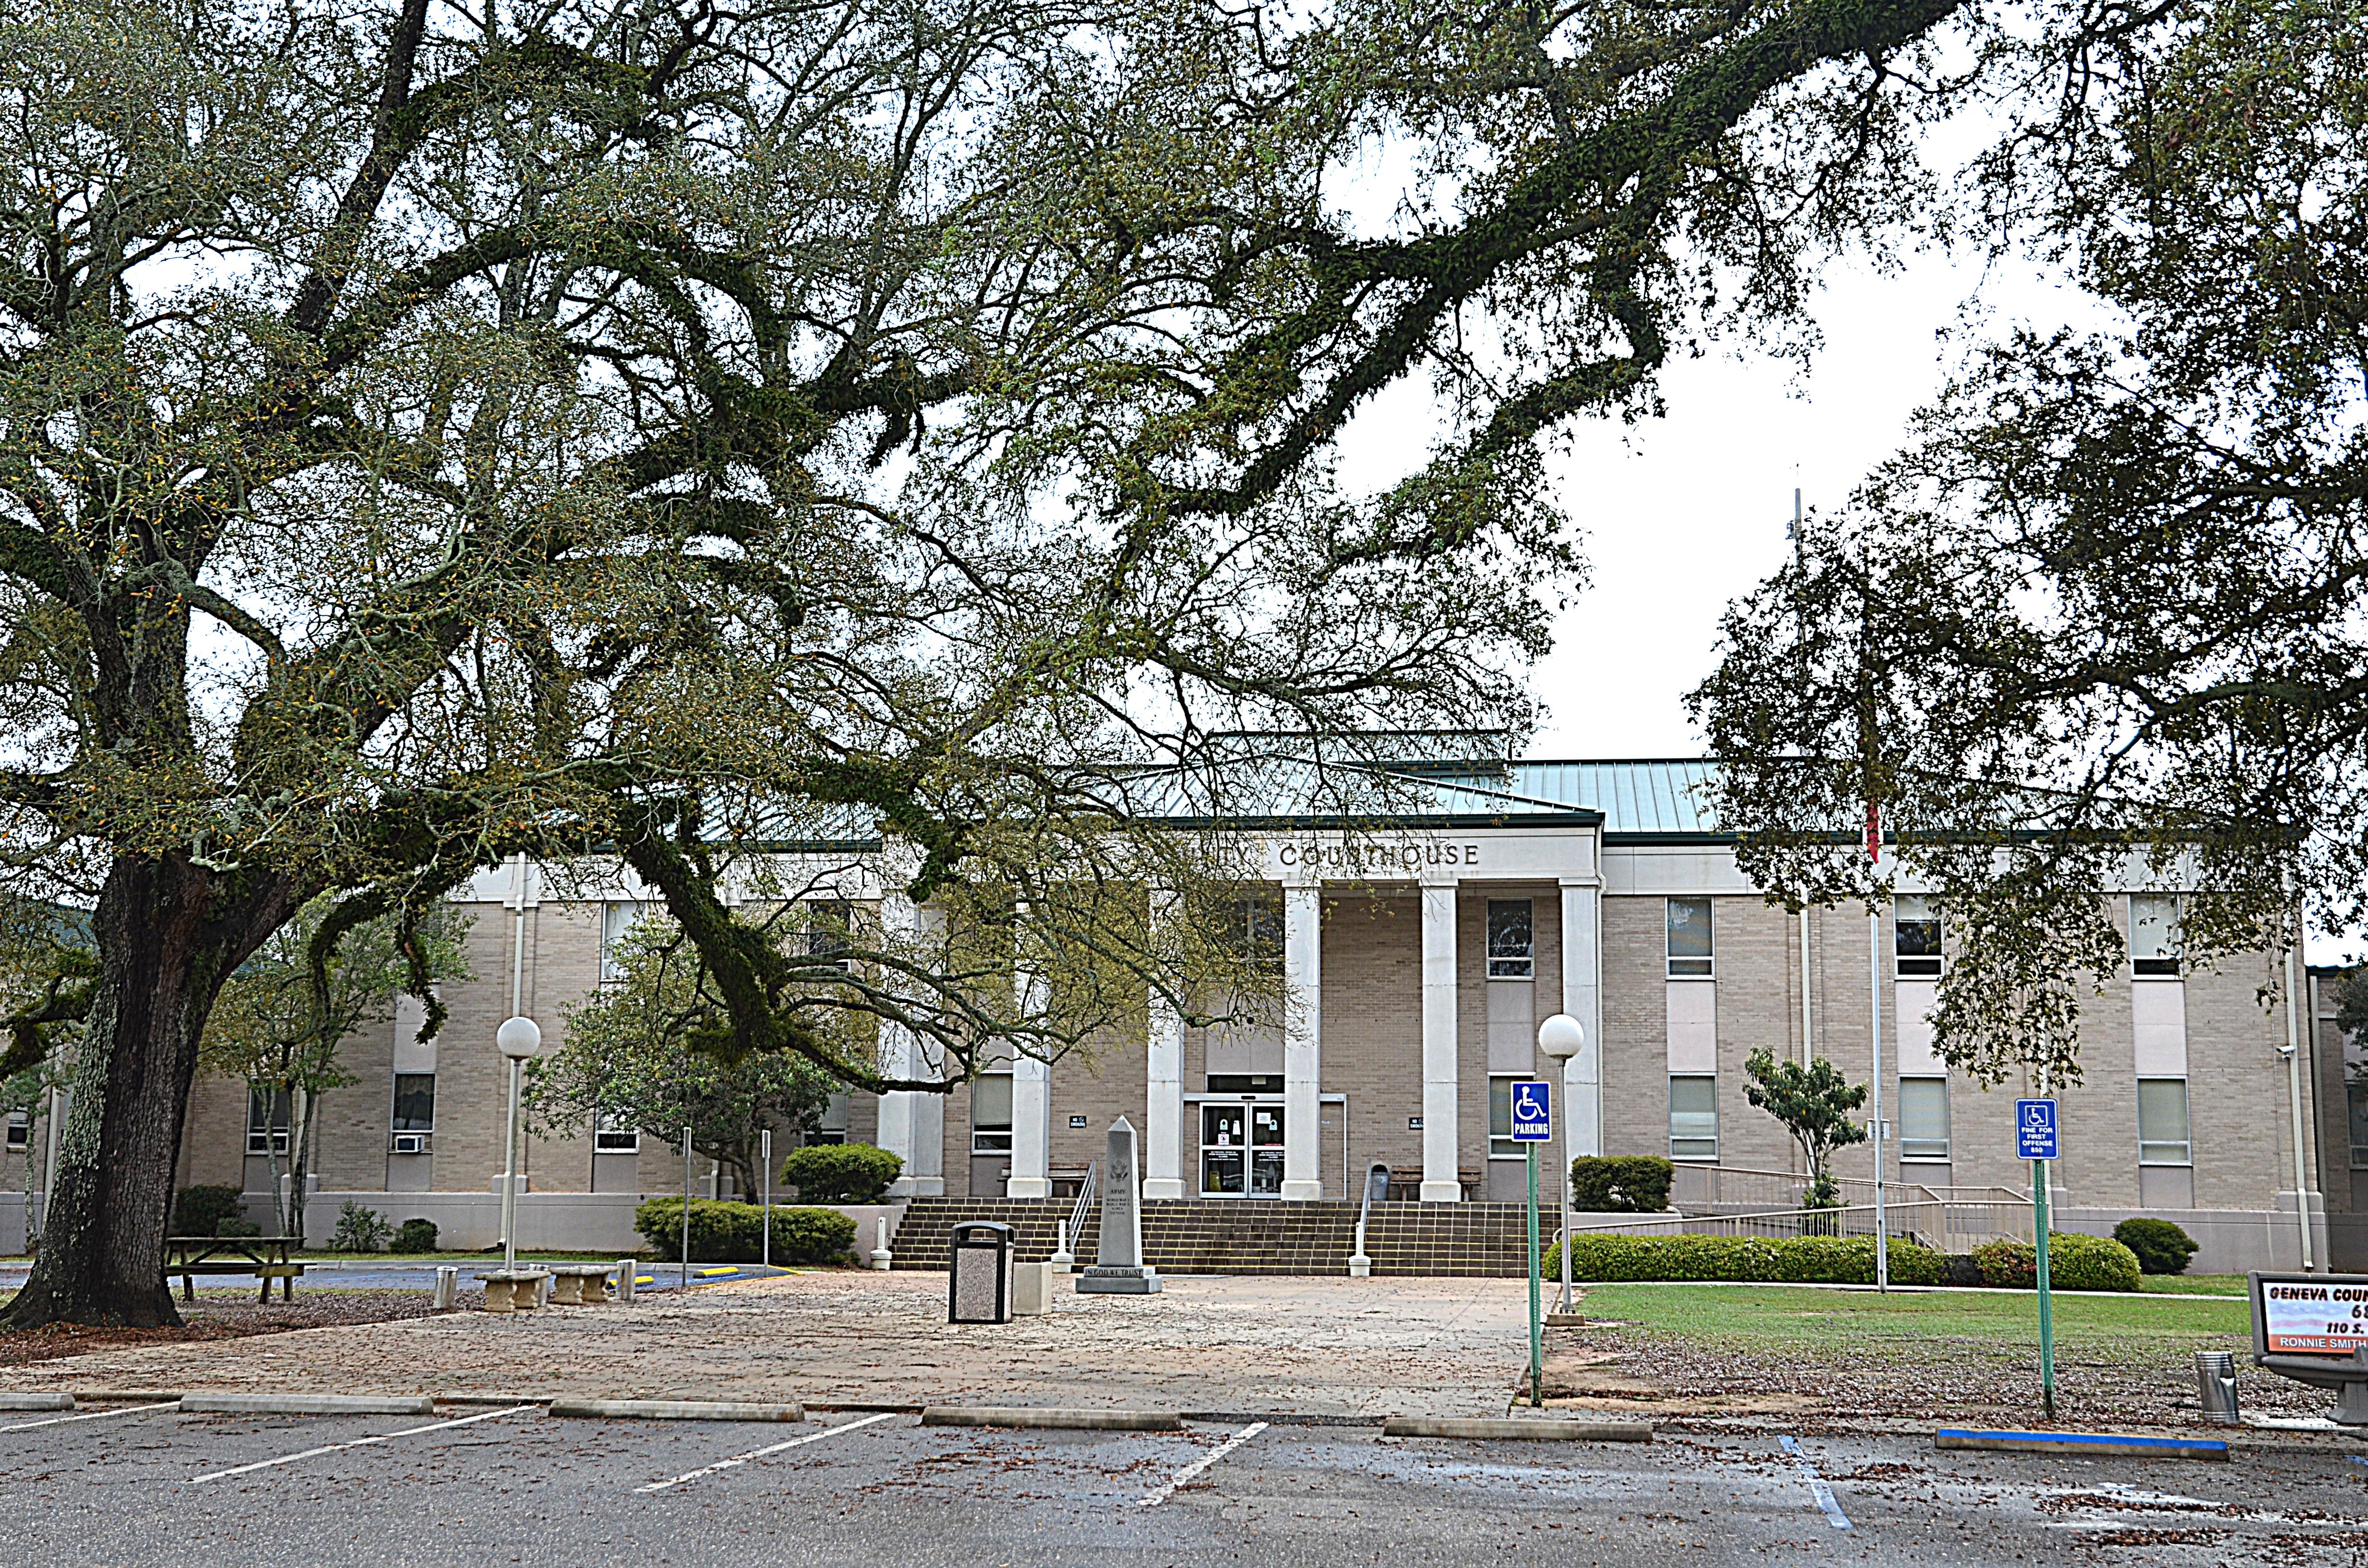 File:Alabama-Geneva County Courthouse.jpg - Wikimedia Commonsbalance of geneva county